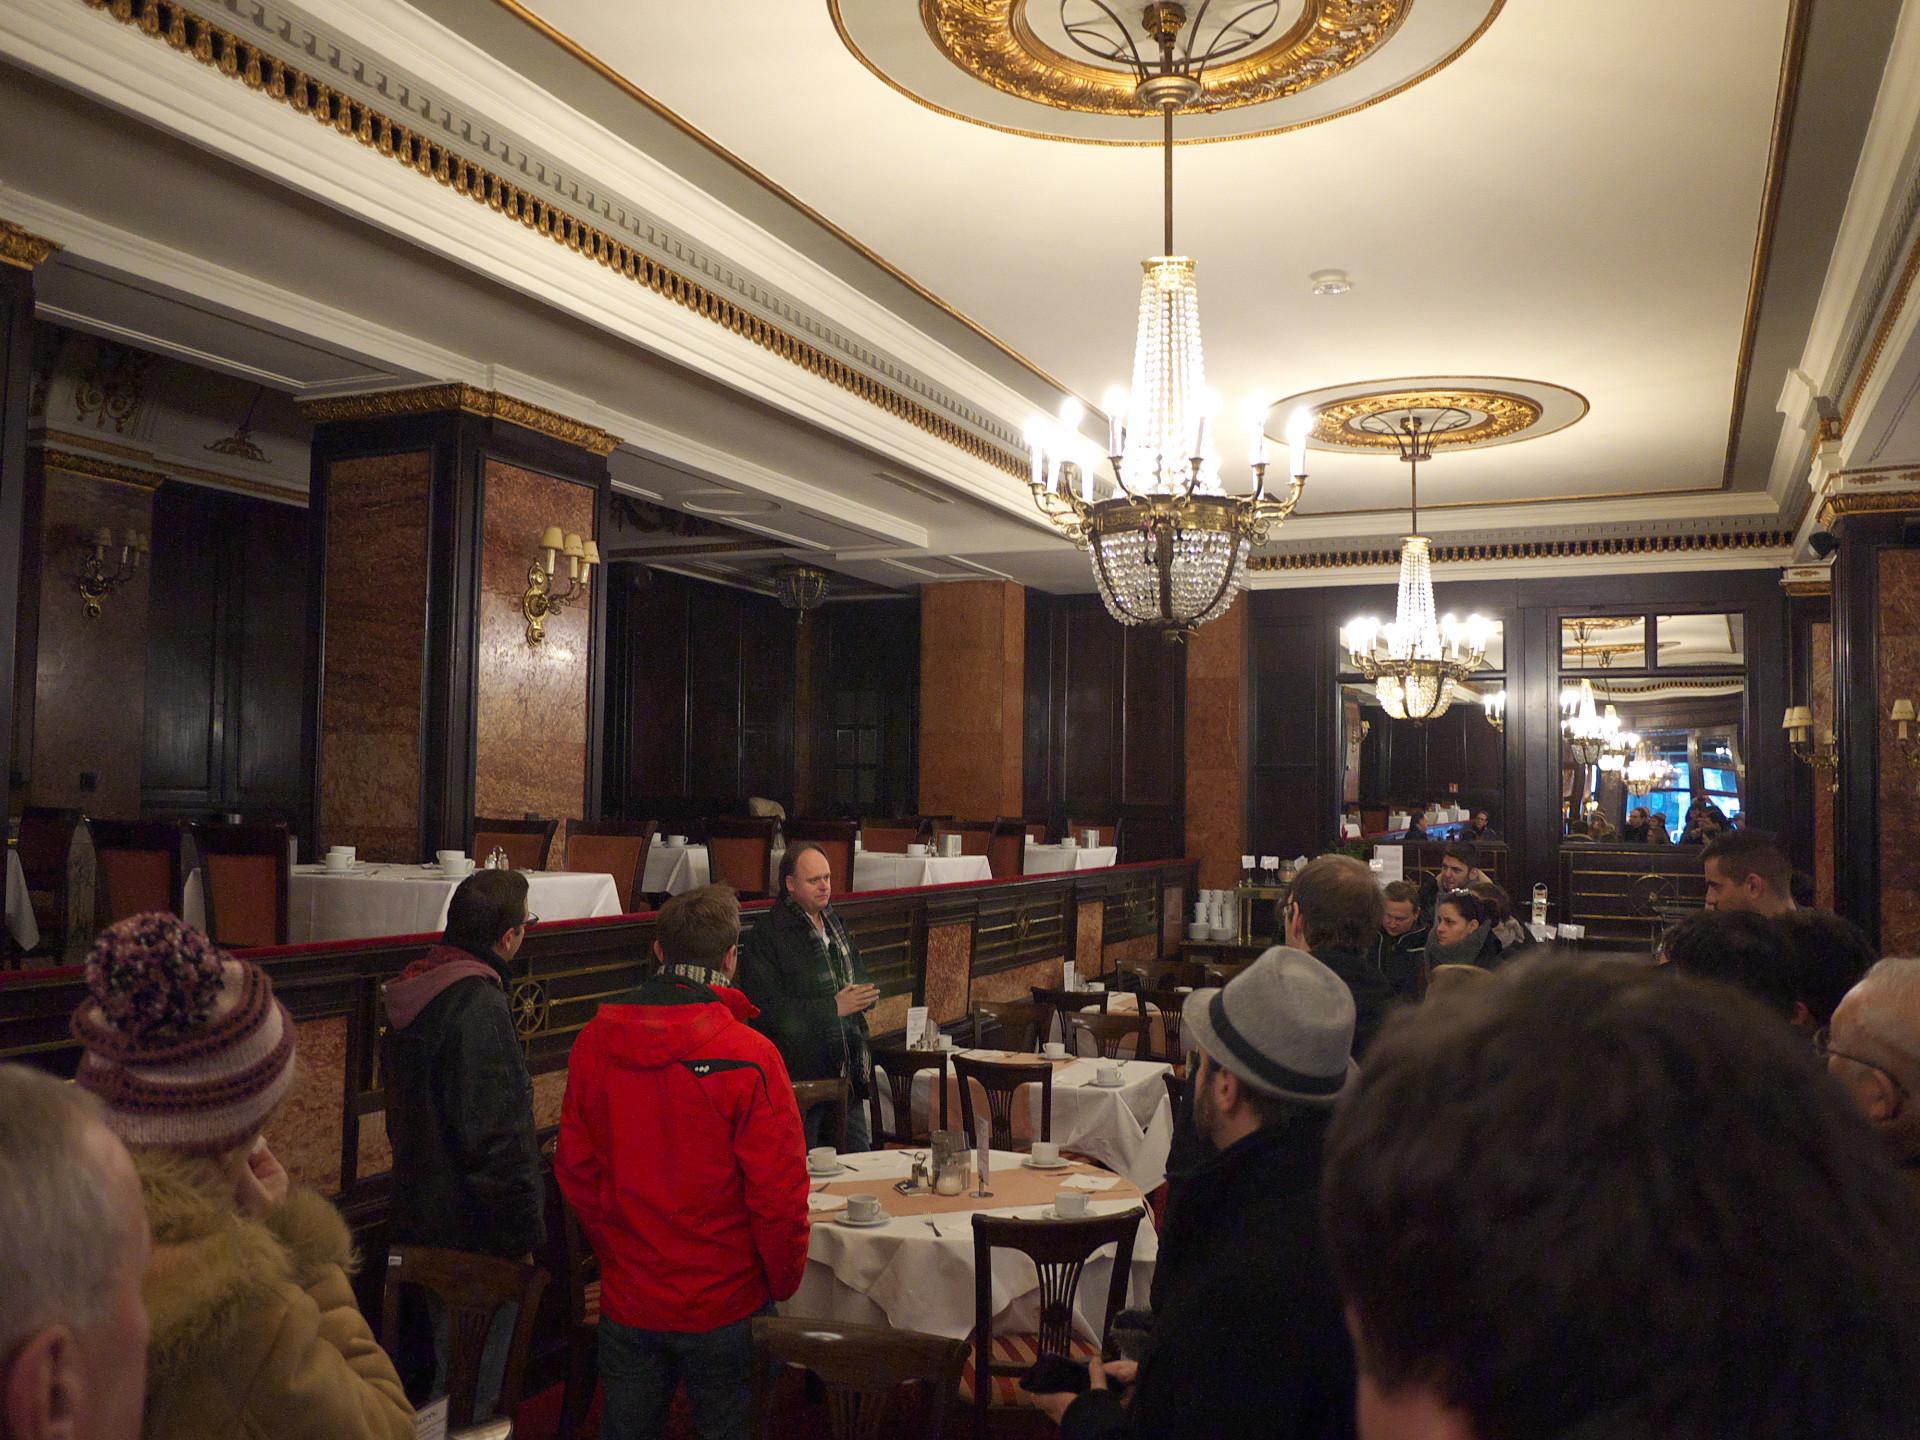 Előadás a Café Astoriában, Hosszúlépés, A pesti sör, Katona Csabával - Kocsmaturista